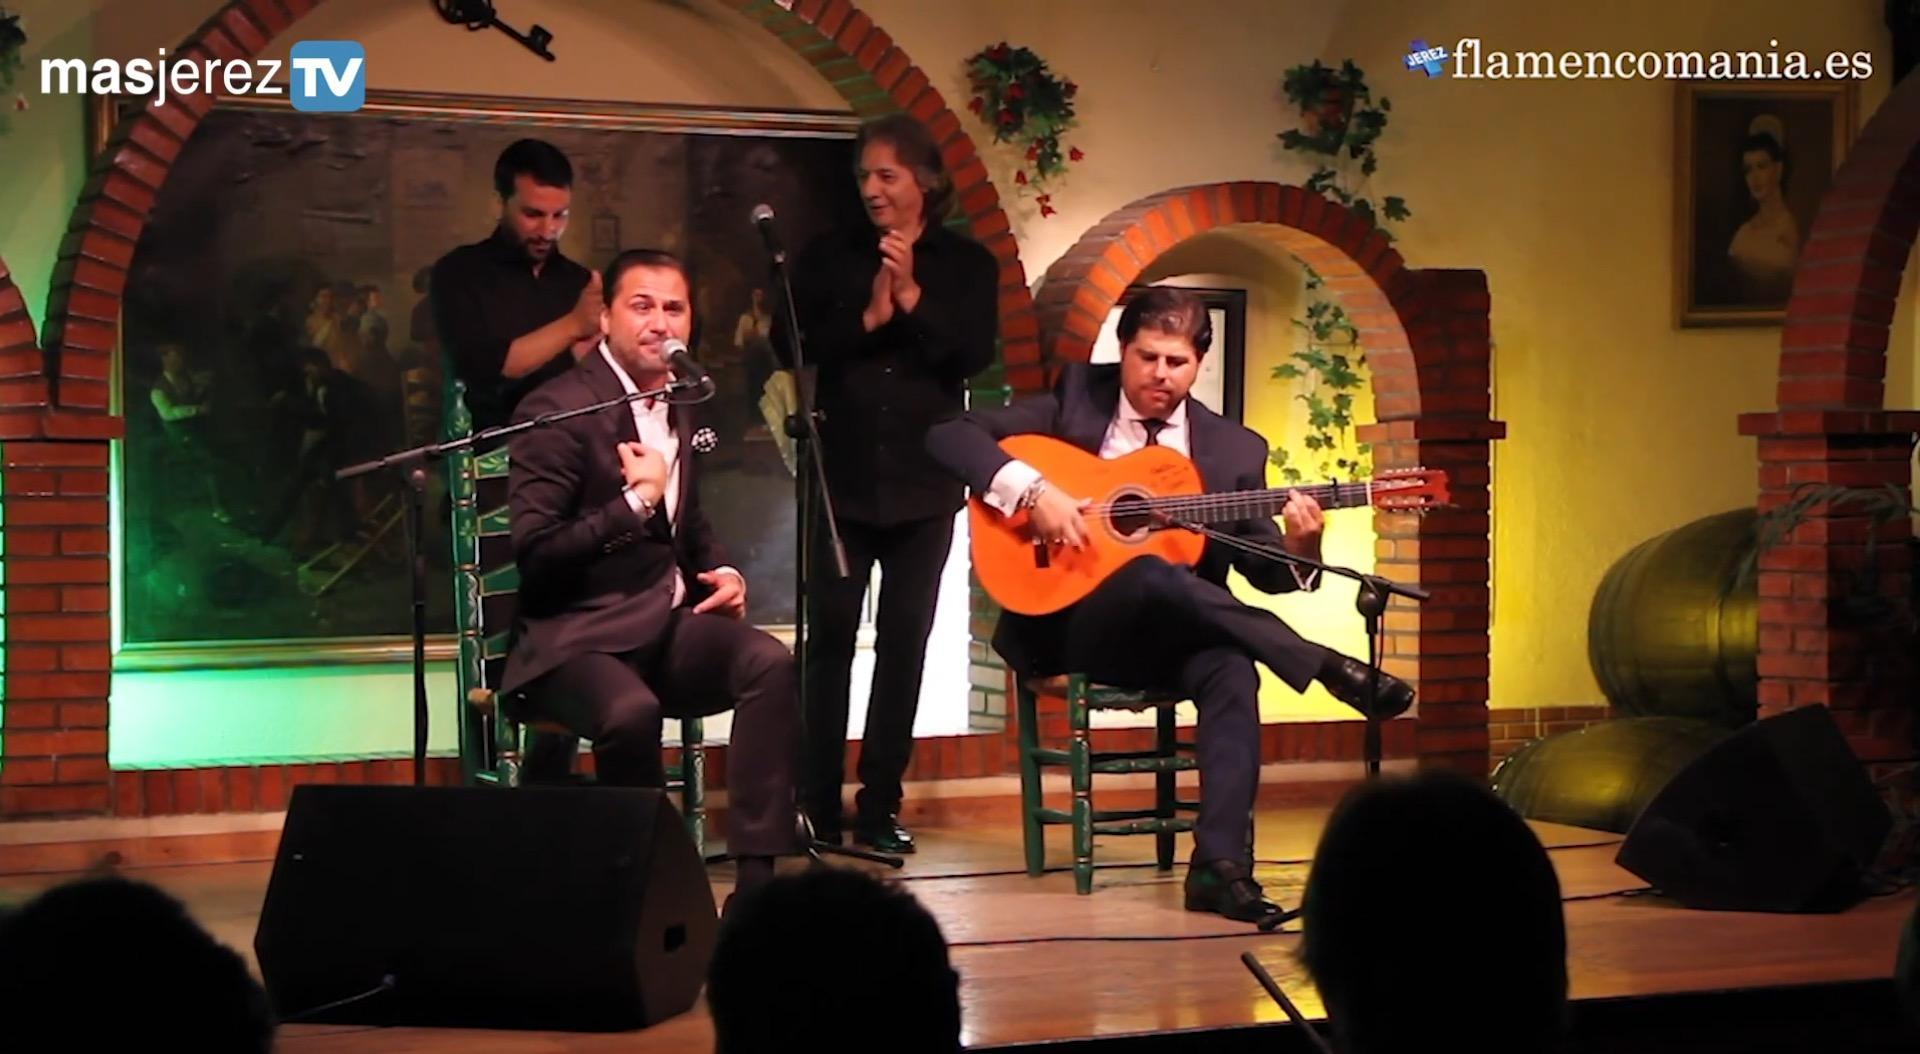 Flamencomanía TV: YoMeQuedoEnCasa - Día 3 - David Carpio y Manuel Valencia en Los Cernícalos en 2017